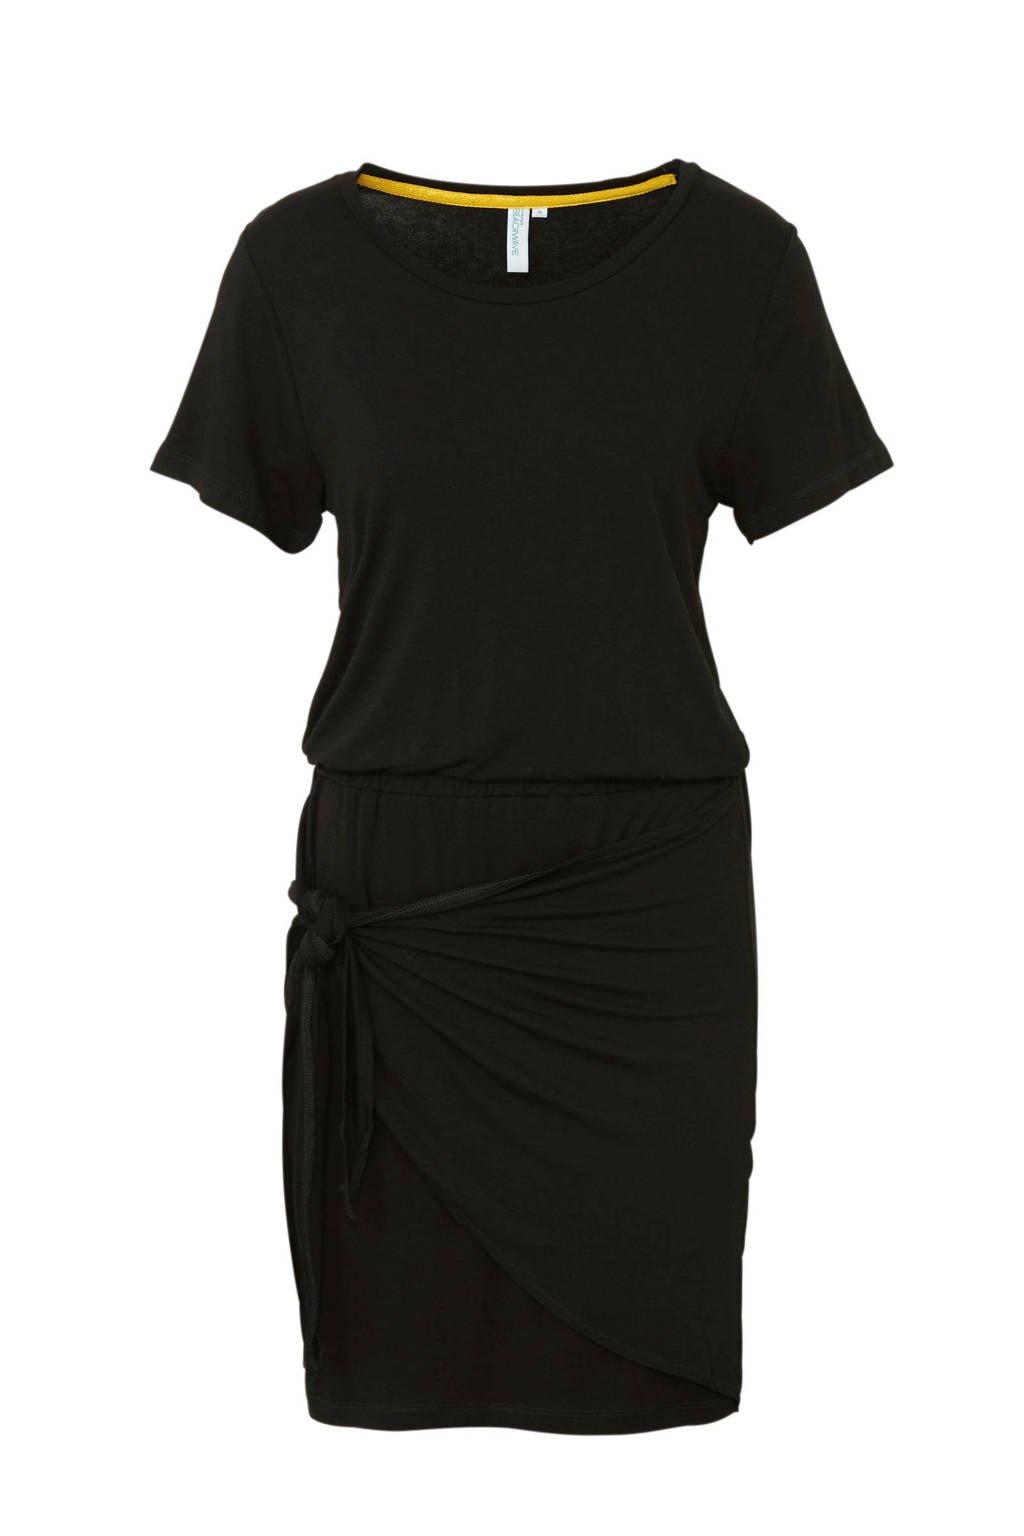 whkmp's beachwave jurk met strikdetail zwart, Zwart